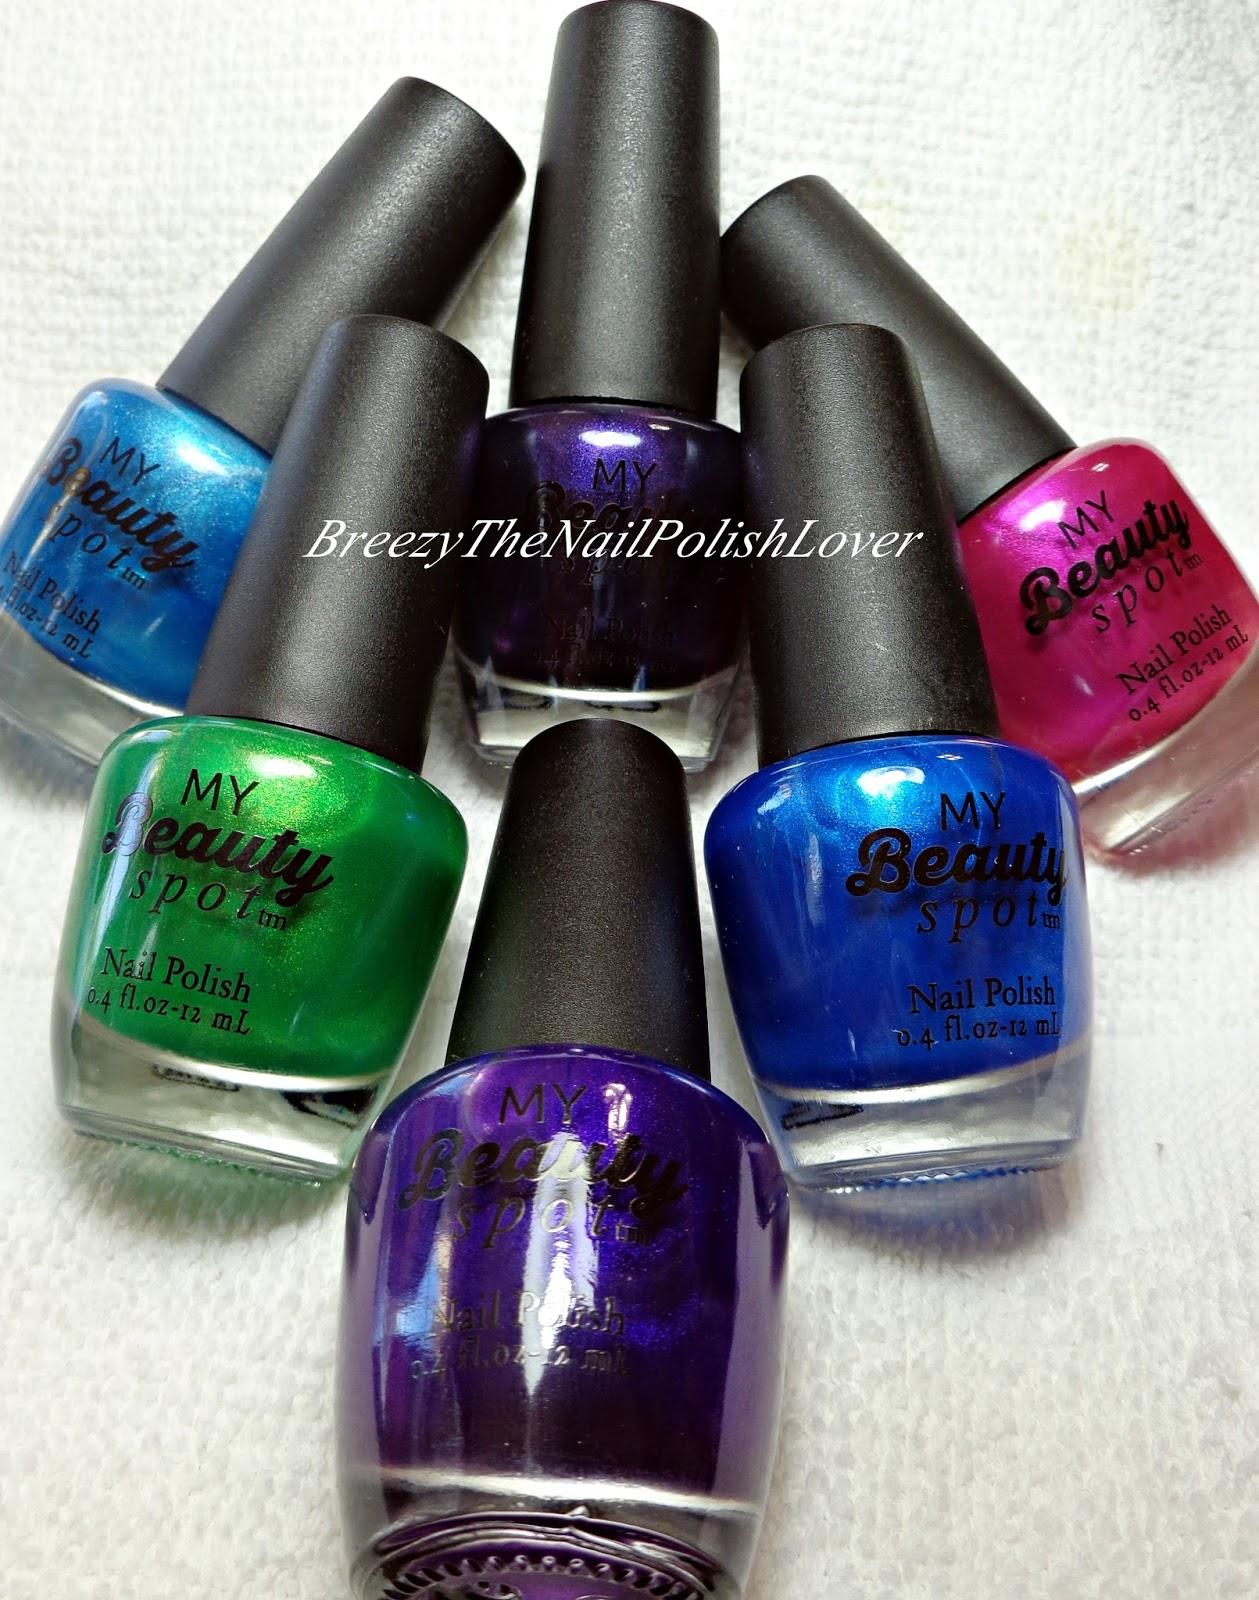 BreezyTheNailPolishLover: My Beauty Spot Nail Polish Nail Design #2!